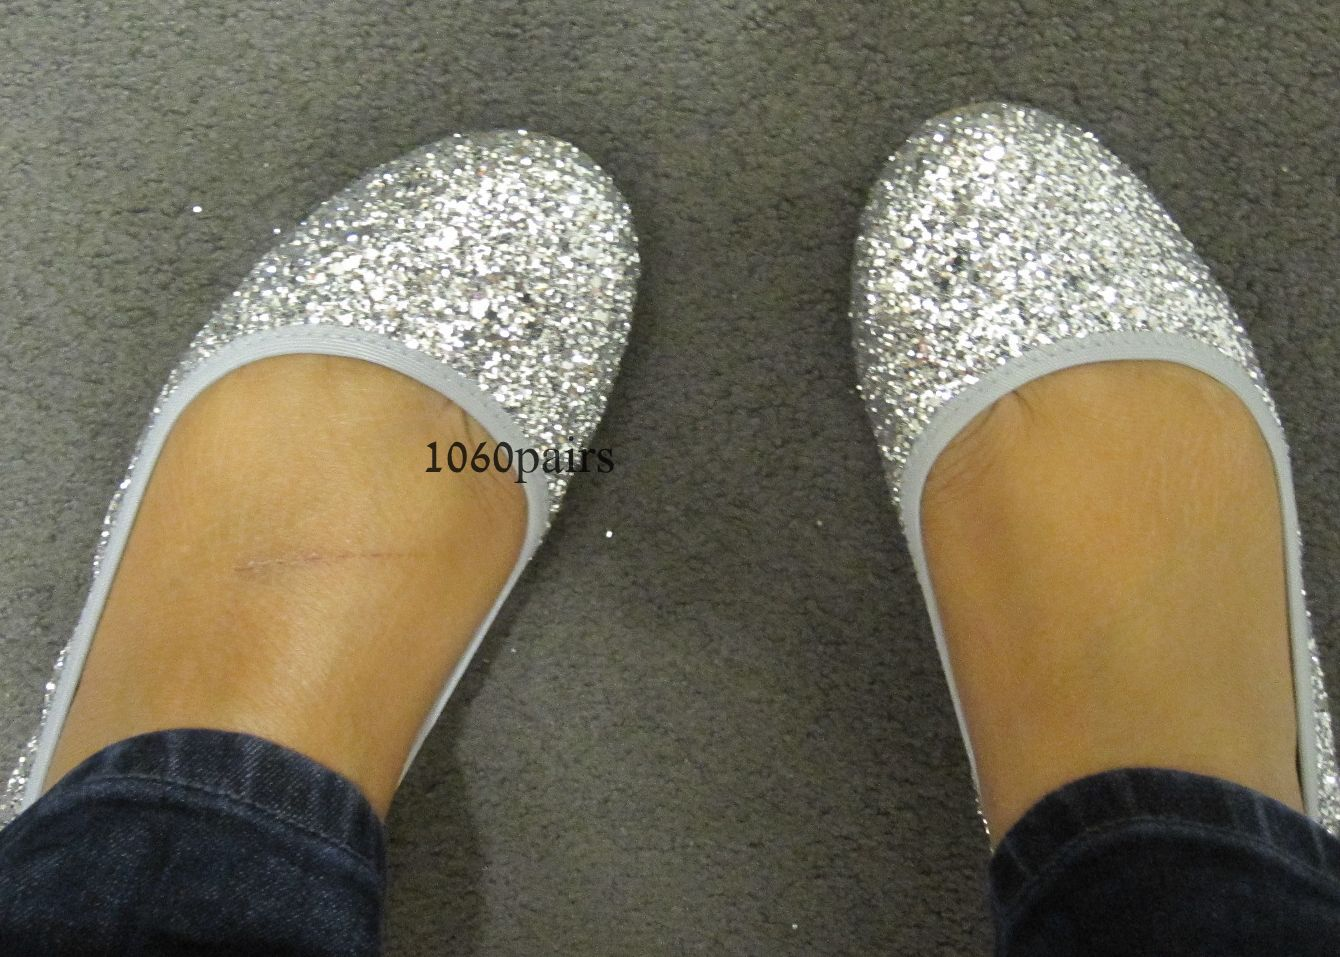 J Crew - Lula glitter ballet flats - Gigi s Gone Shopping 4d6b1c894